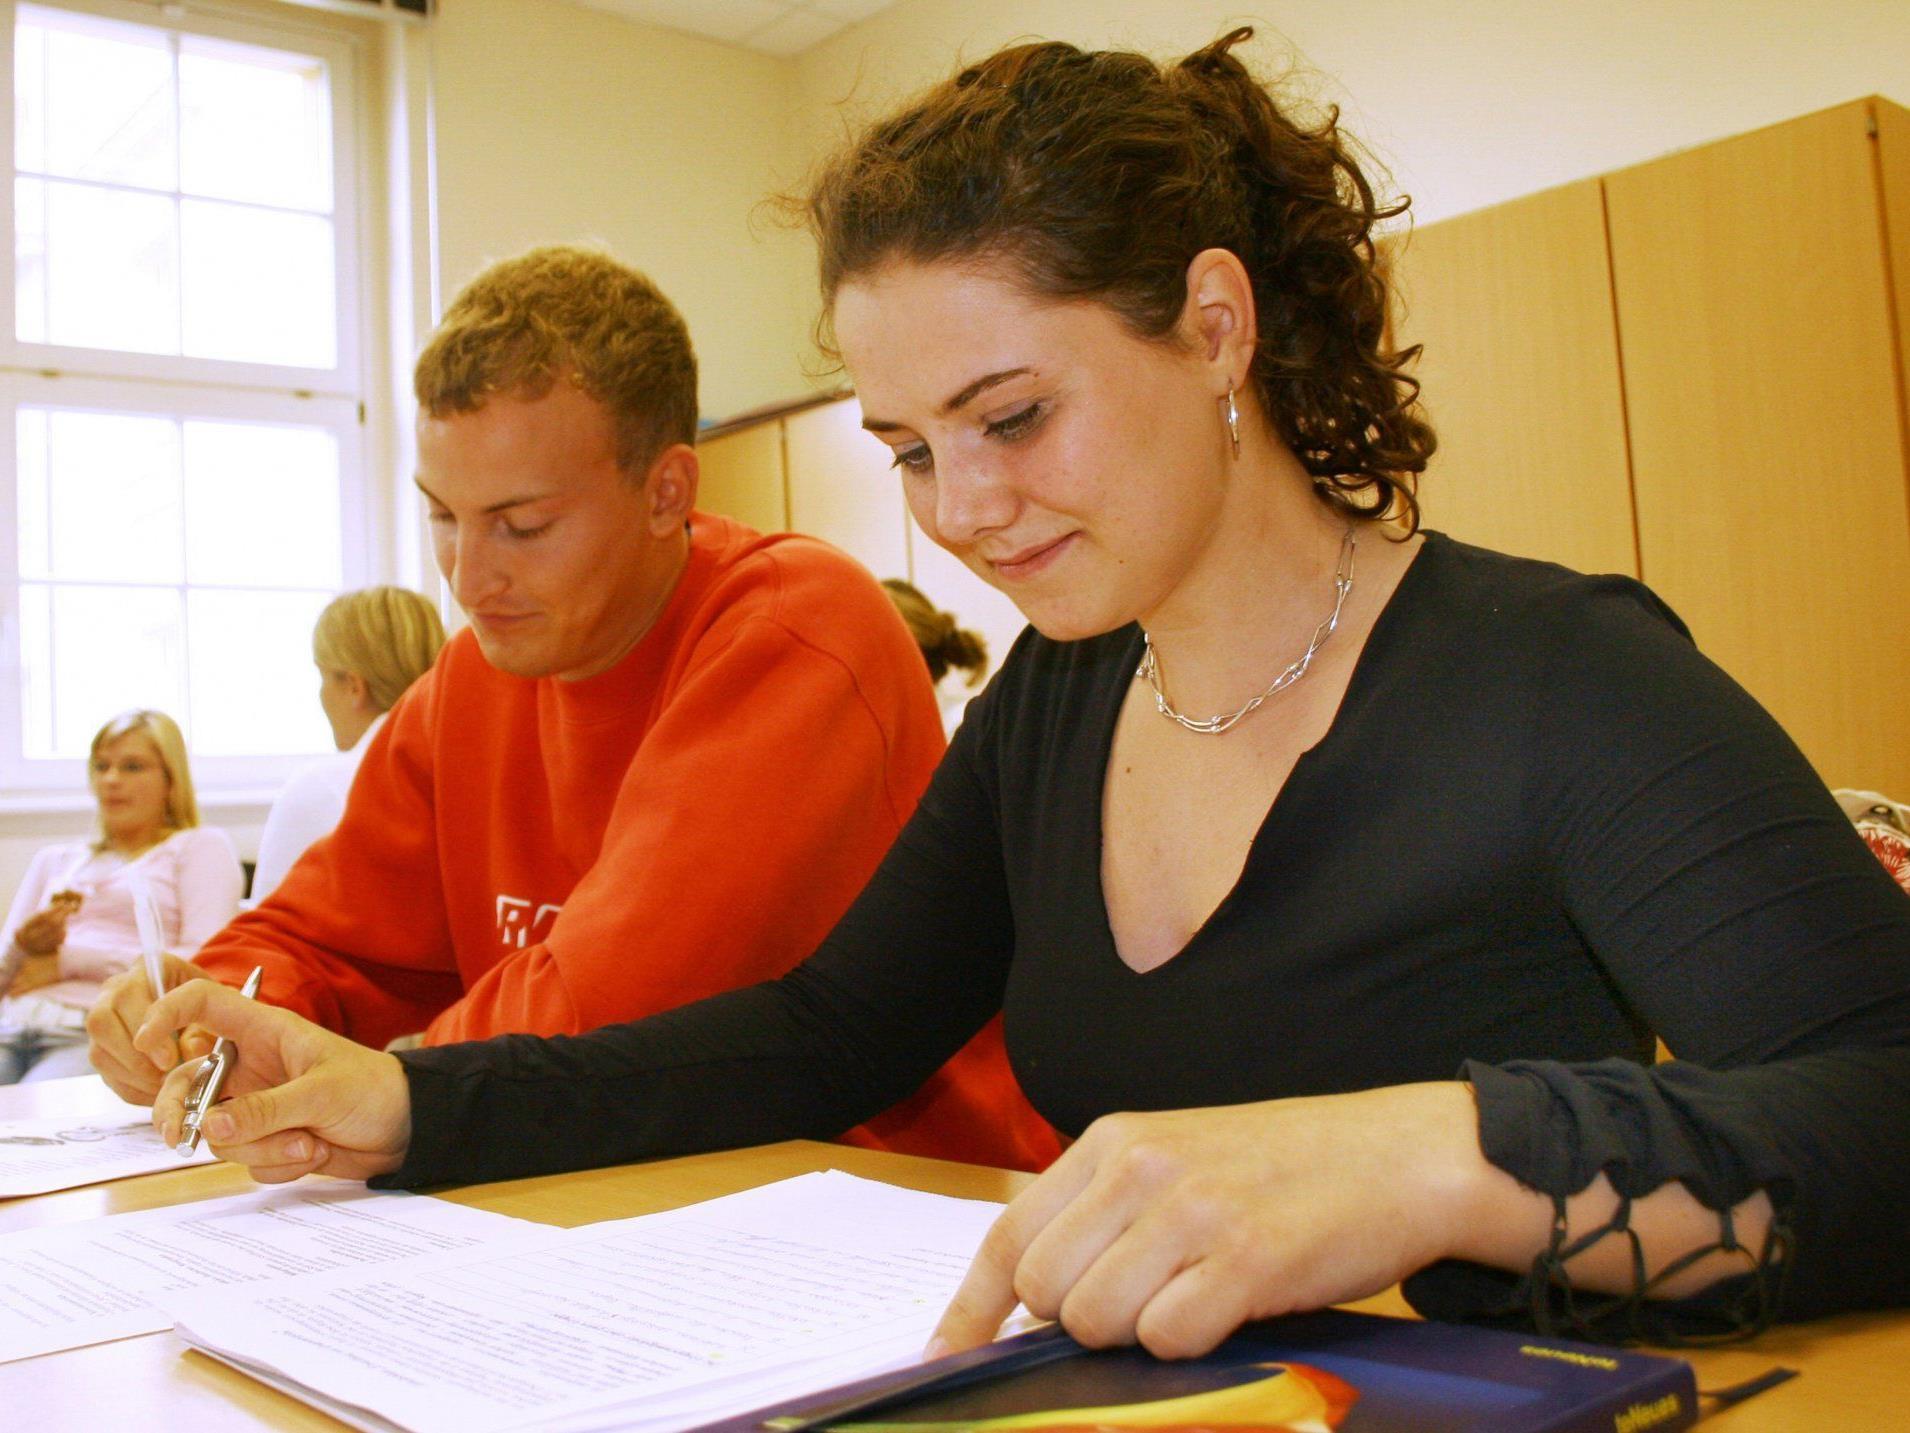 In diversen Projekten werden Jugendliche unterstützt, um im Leben und der Berufswelt Fuß zu fassen.